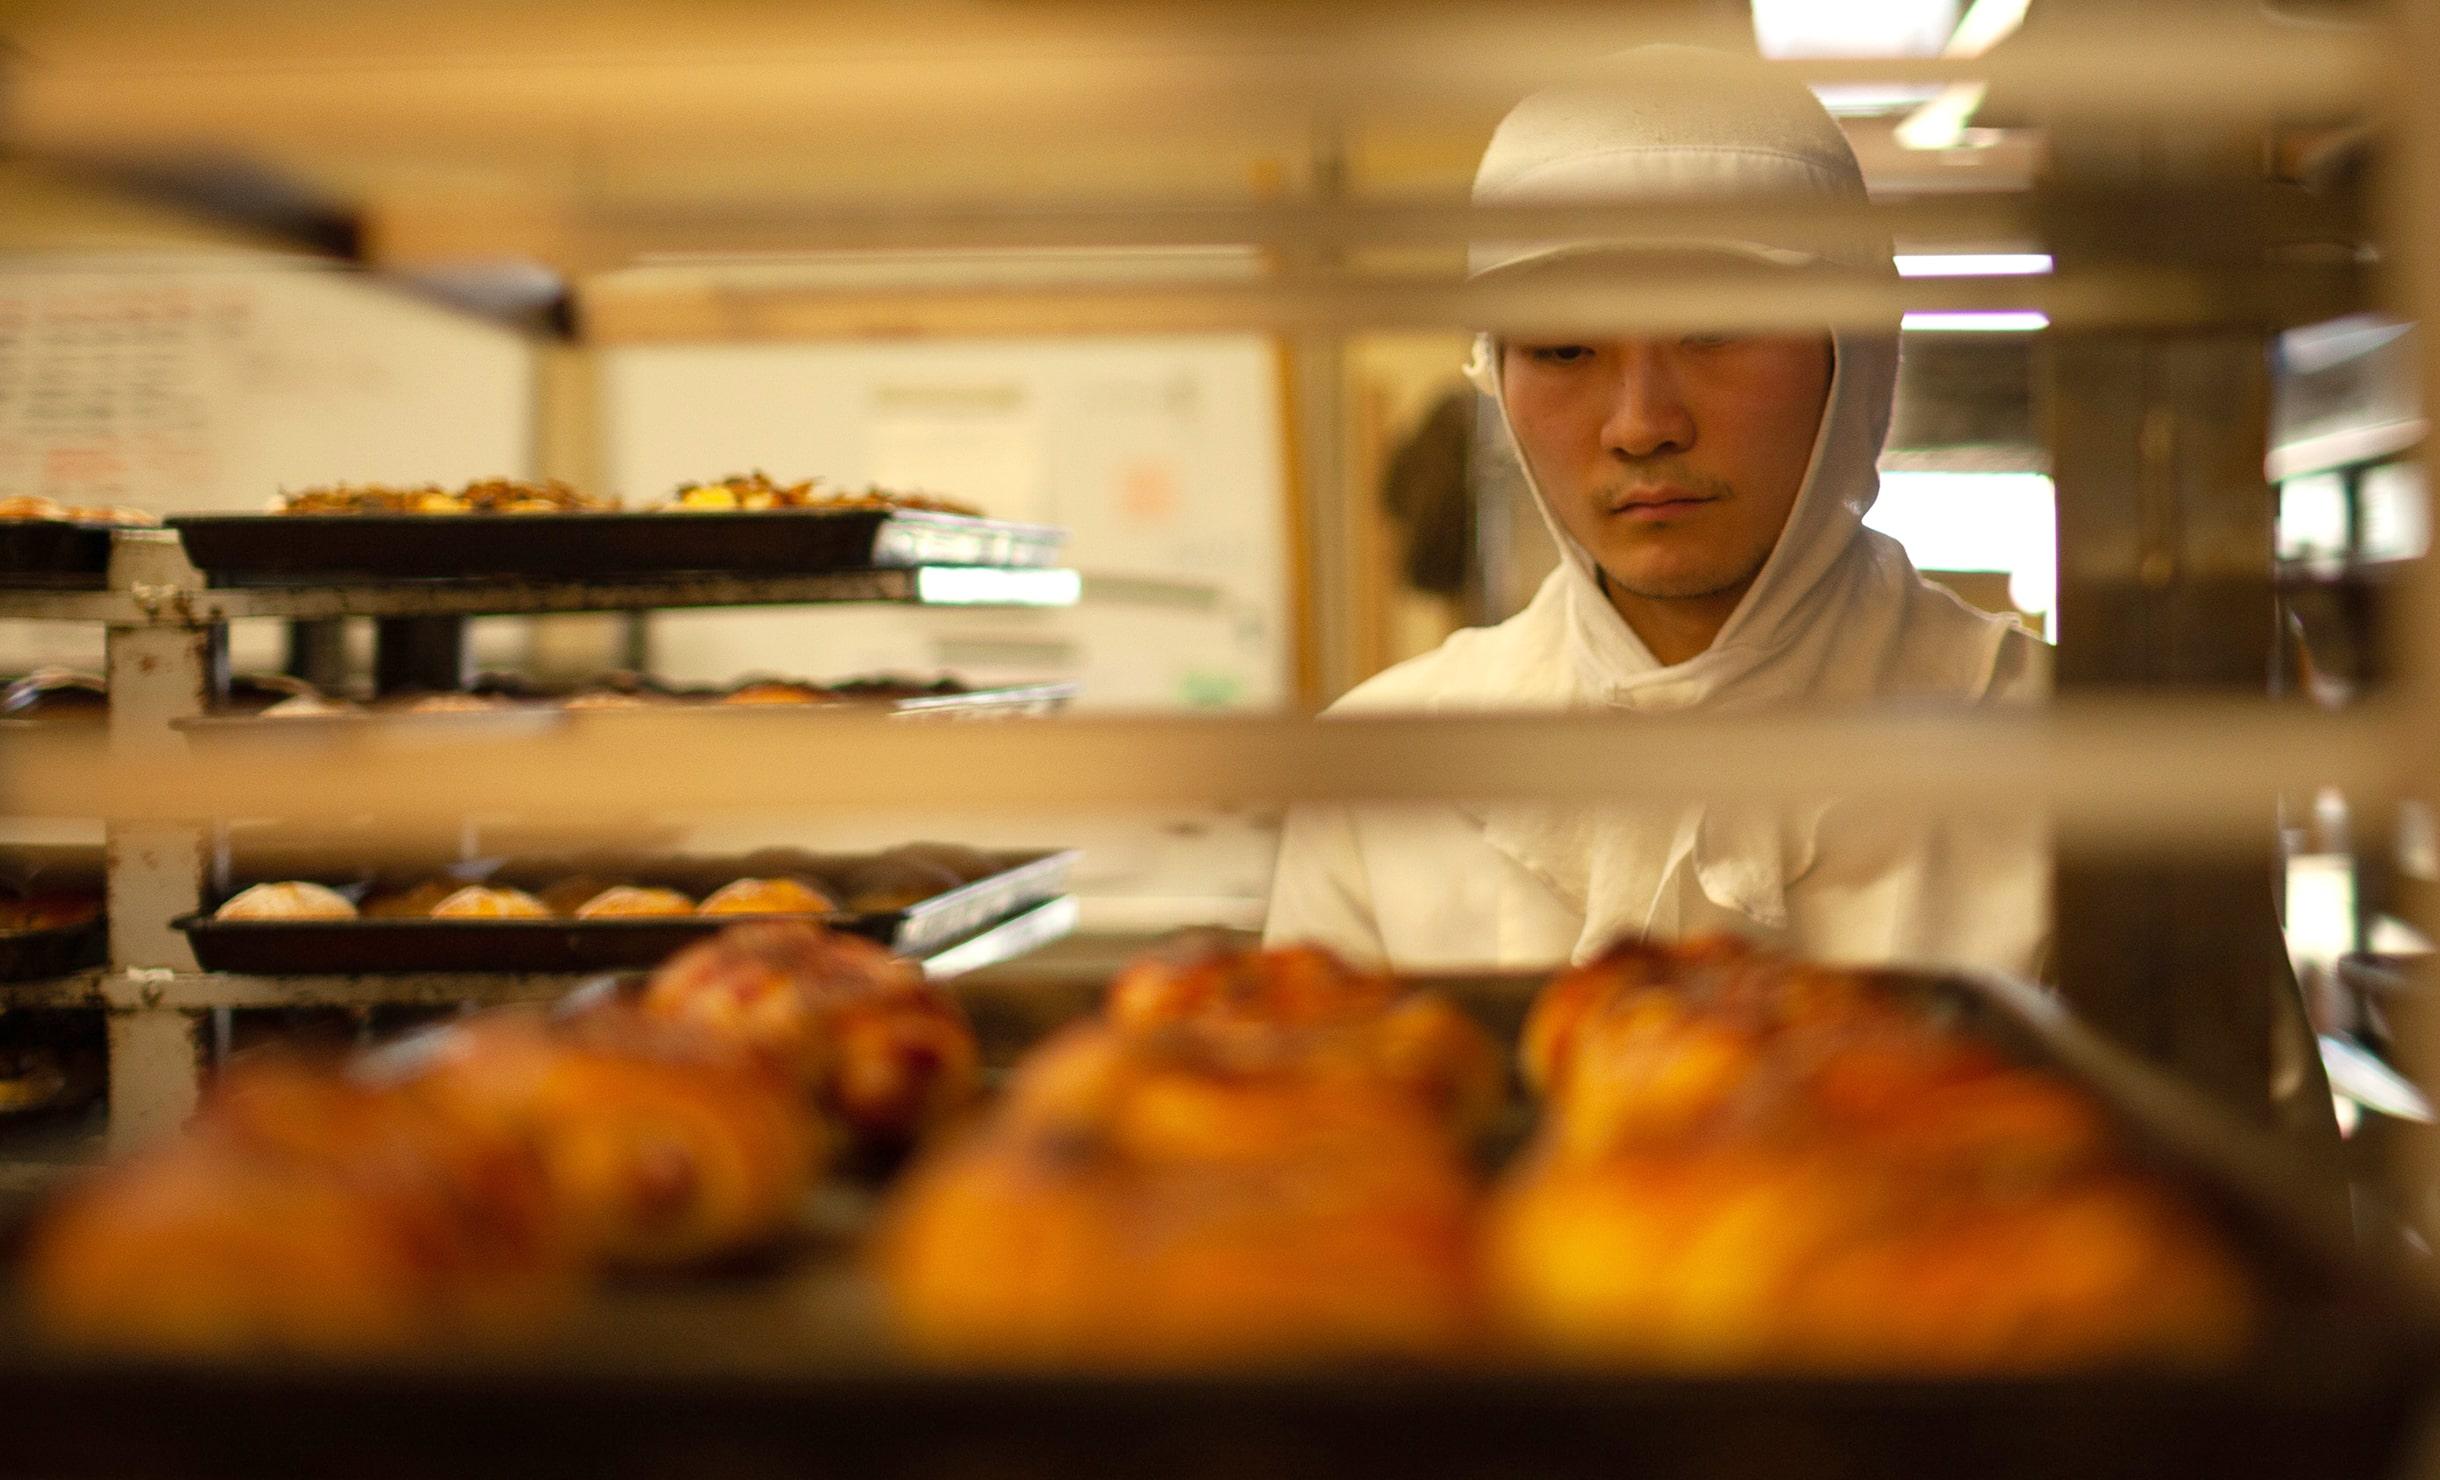 焼きたてのパンを眺める作業員の画像